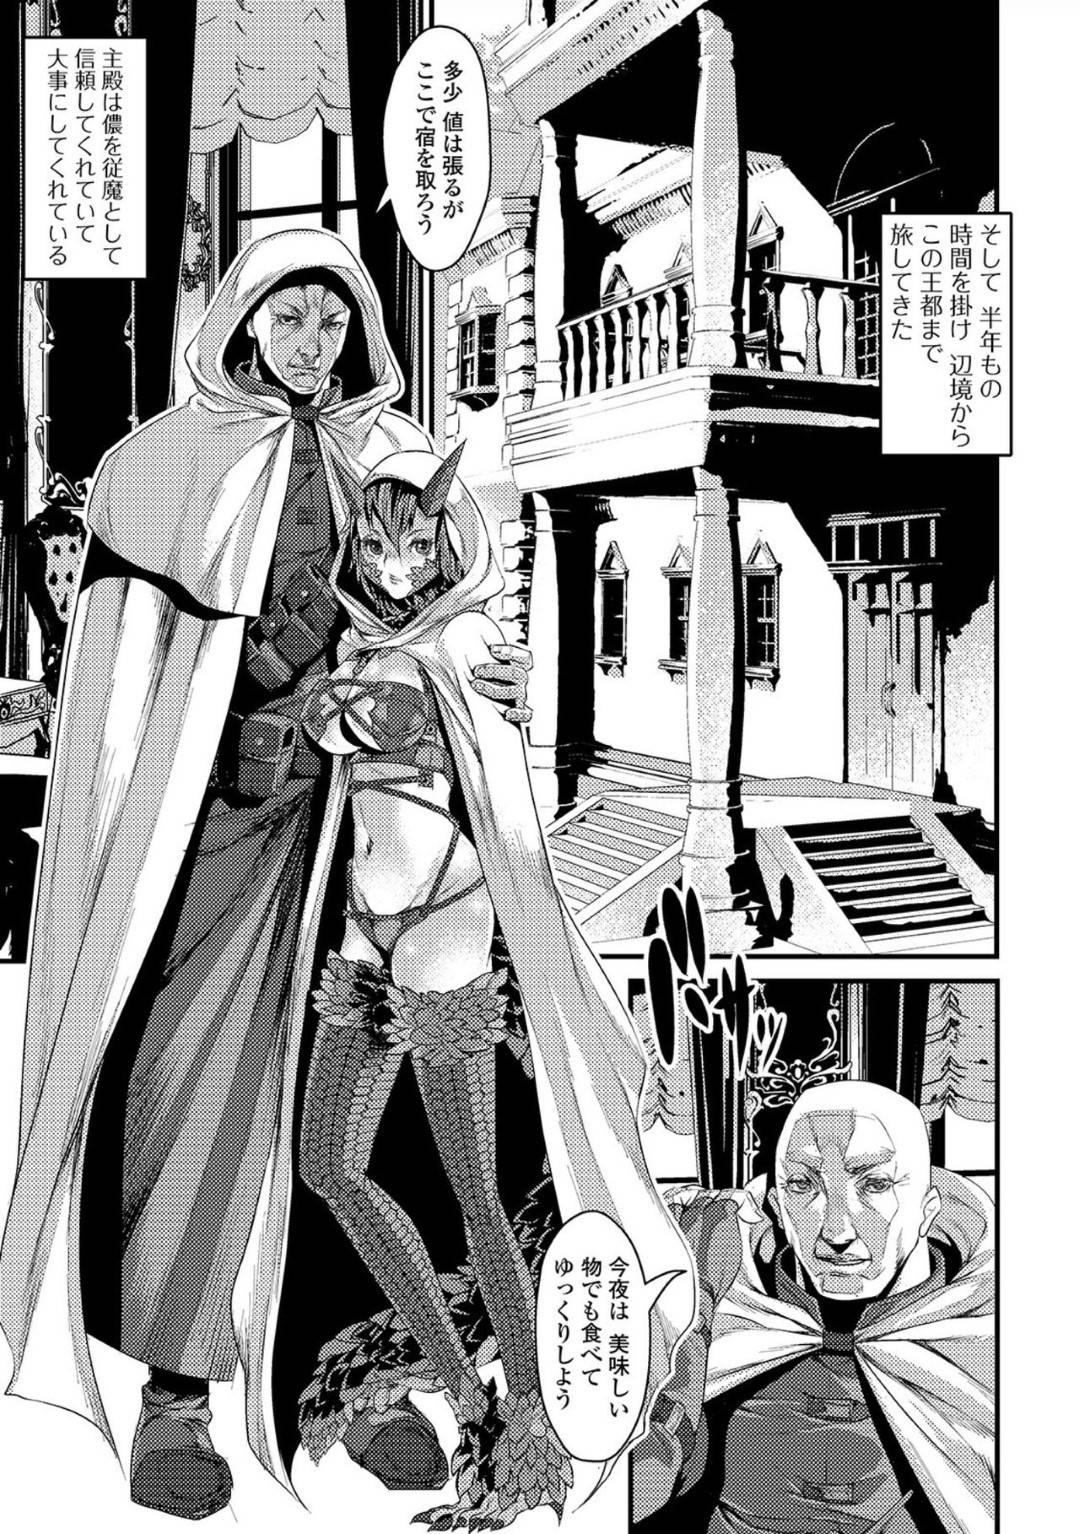 【エロ同人誌】魔物に襲来を受けてしまい、敗北してしまった女騎士。彼女はオークたちに肉便器として毎日犯される日々を送る事となるが、男の戦士に助けられて一命を取り留める。そんな彼に惚れた彼女はご奉仕しようと夜這いセックスするのだった。【オリジナル】